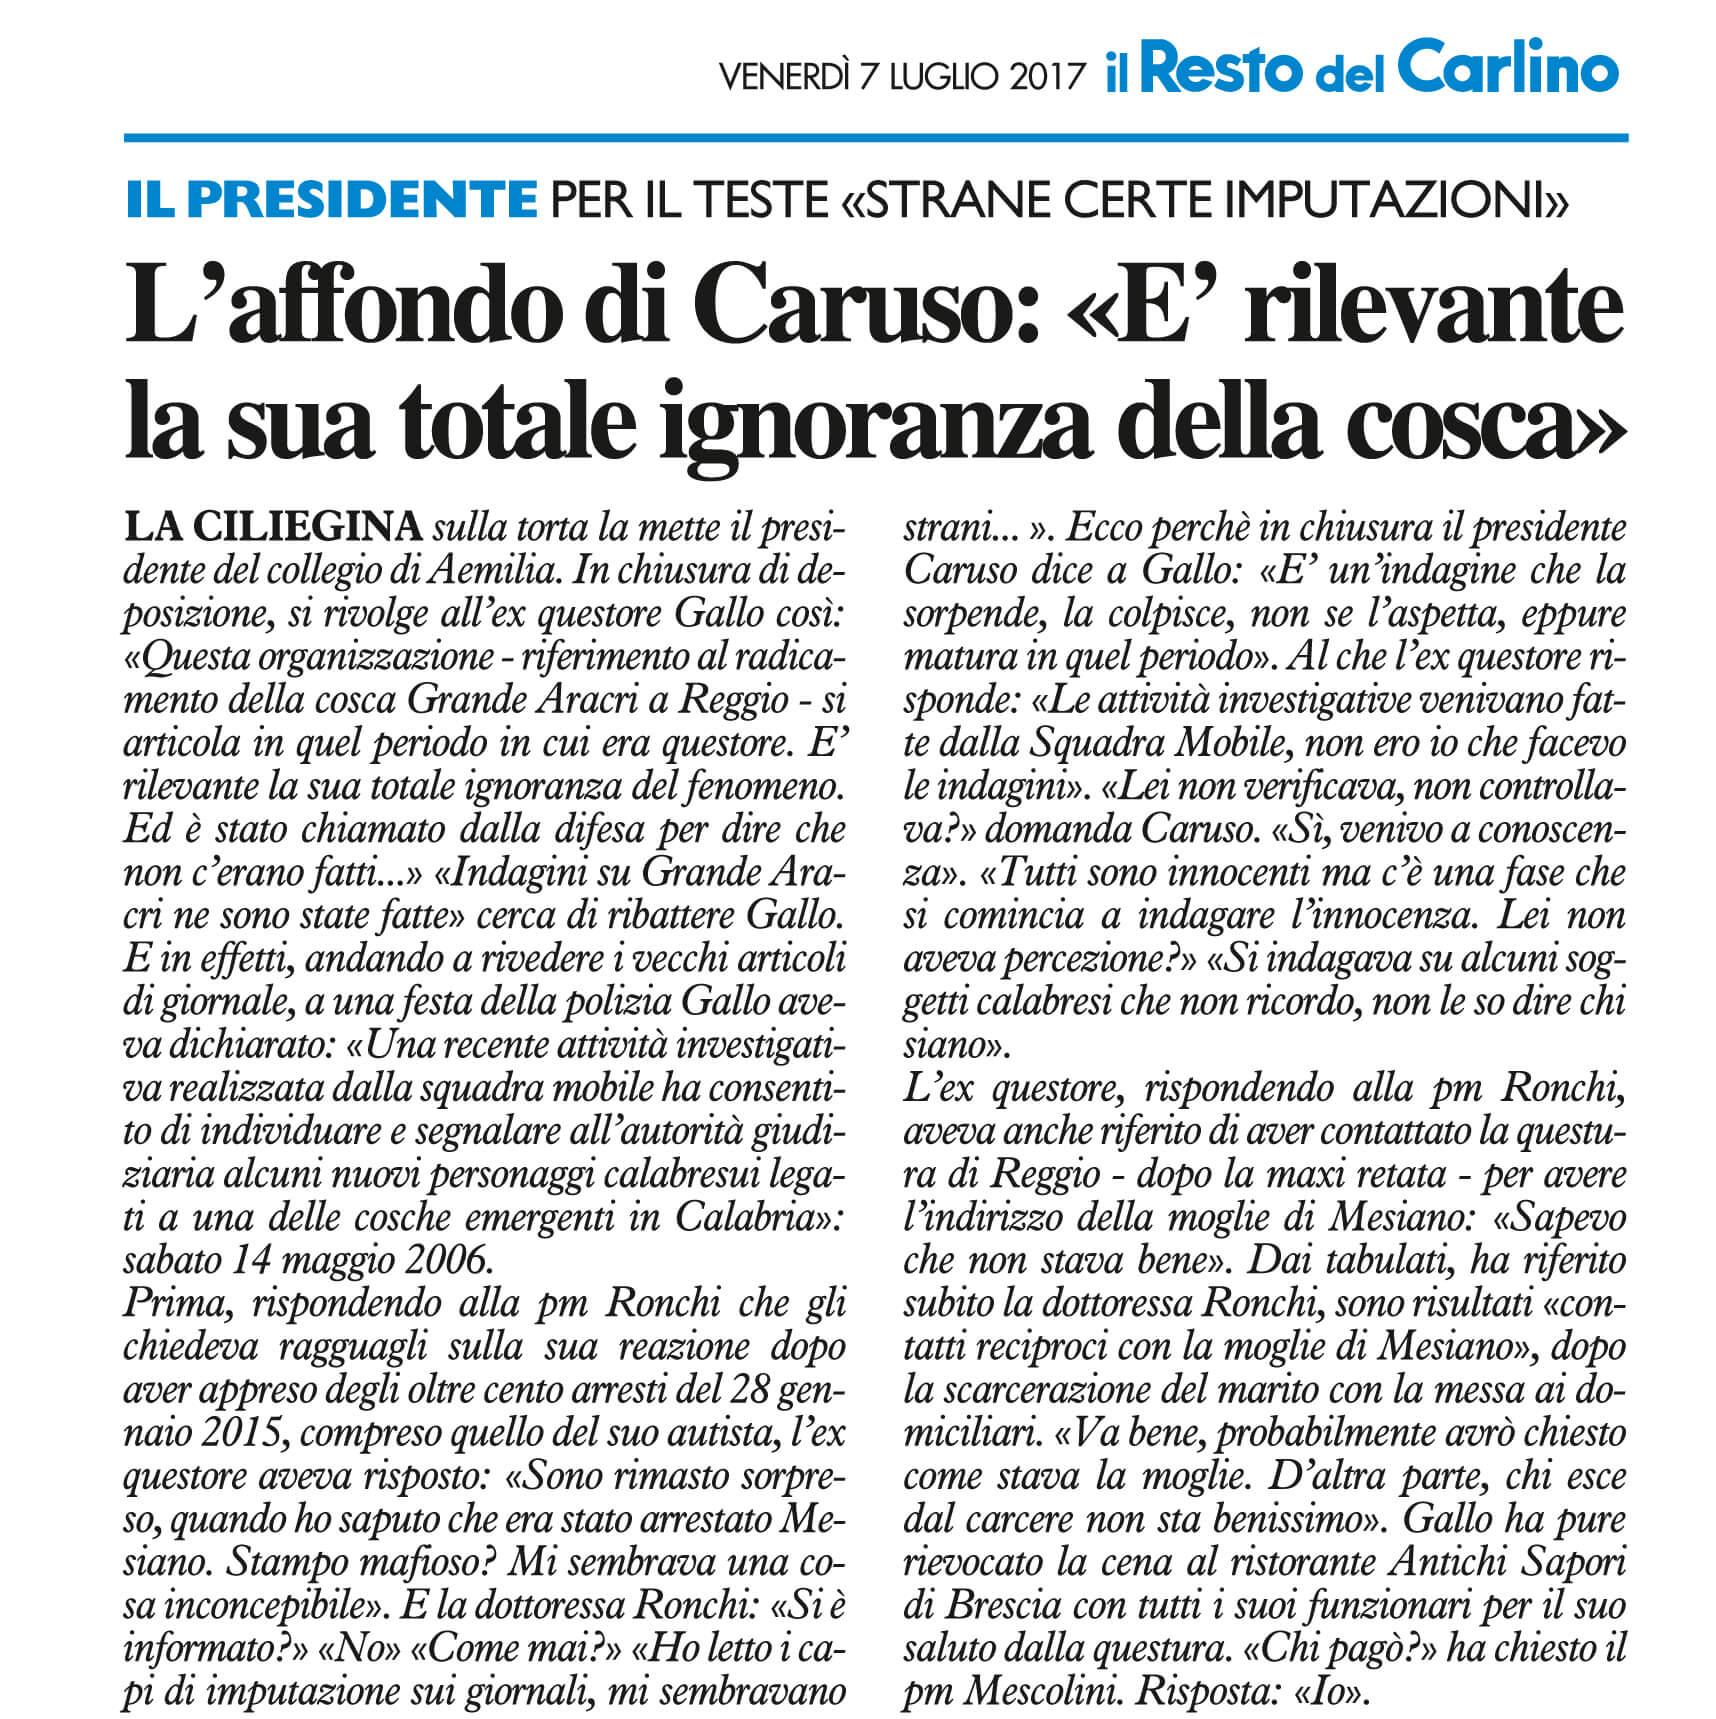 L'affondo di Caruso